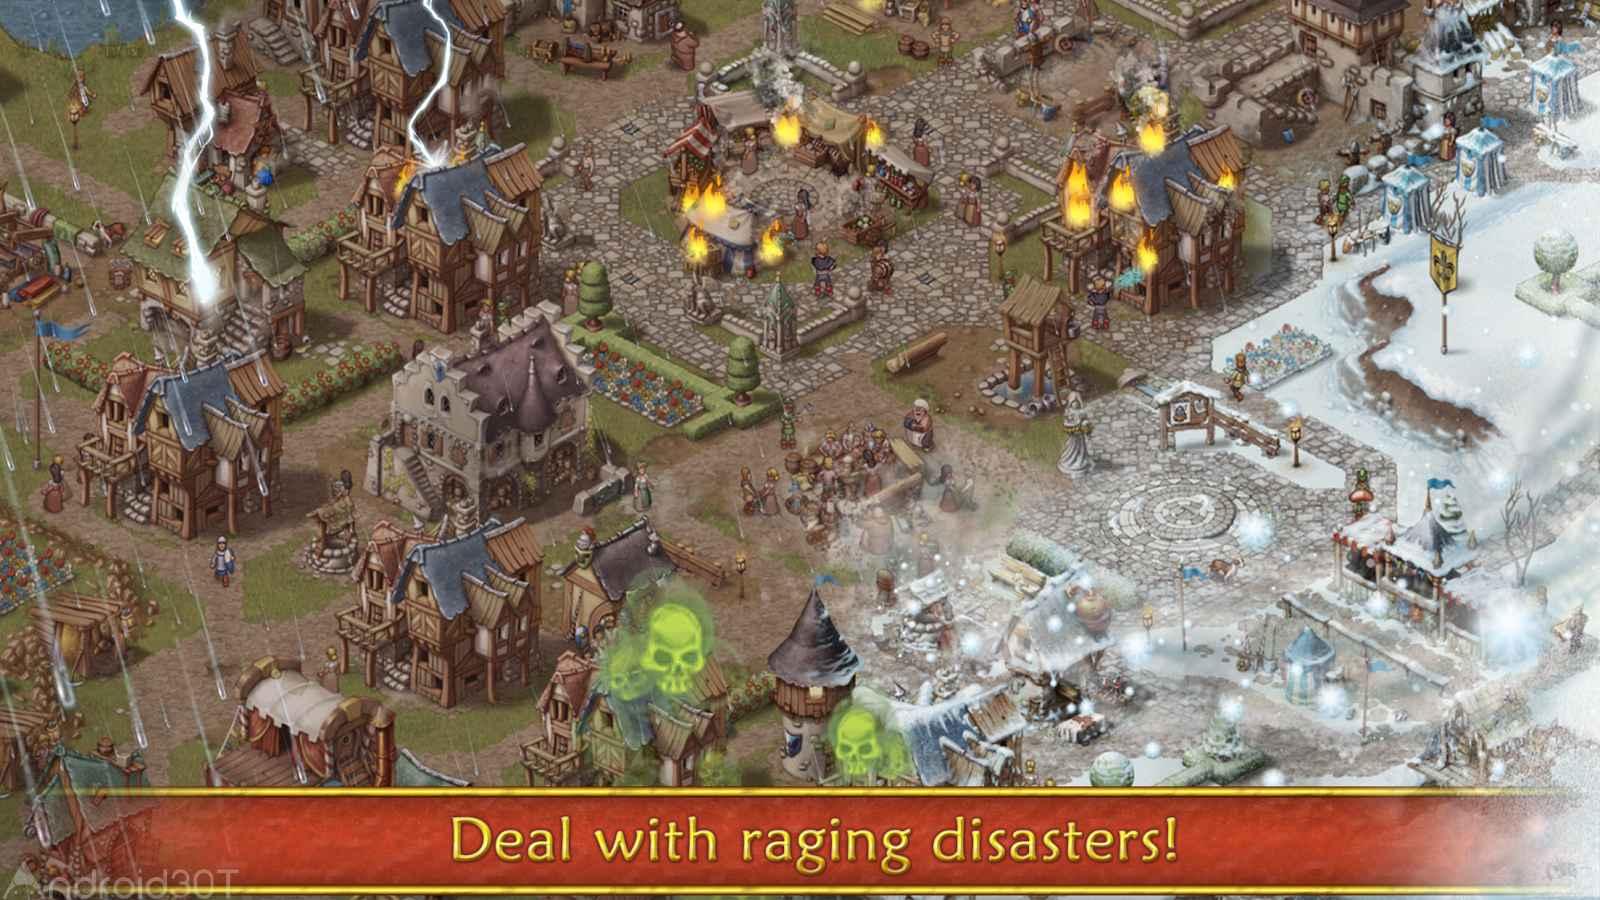 دانلود Townsmen Premium 1.14.3 – بازی نقش آفرینی شهرسازی اندروید